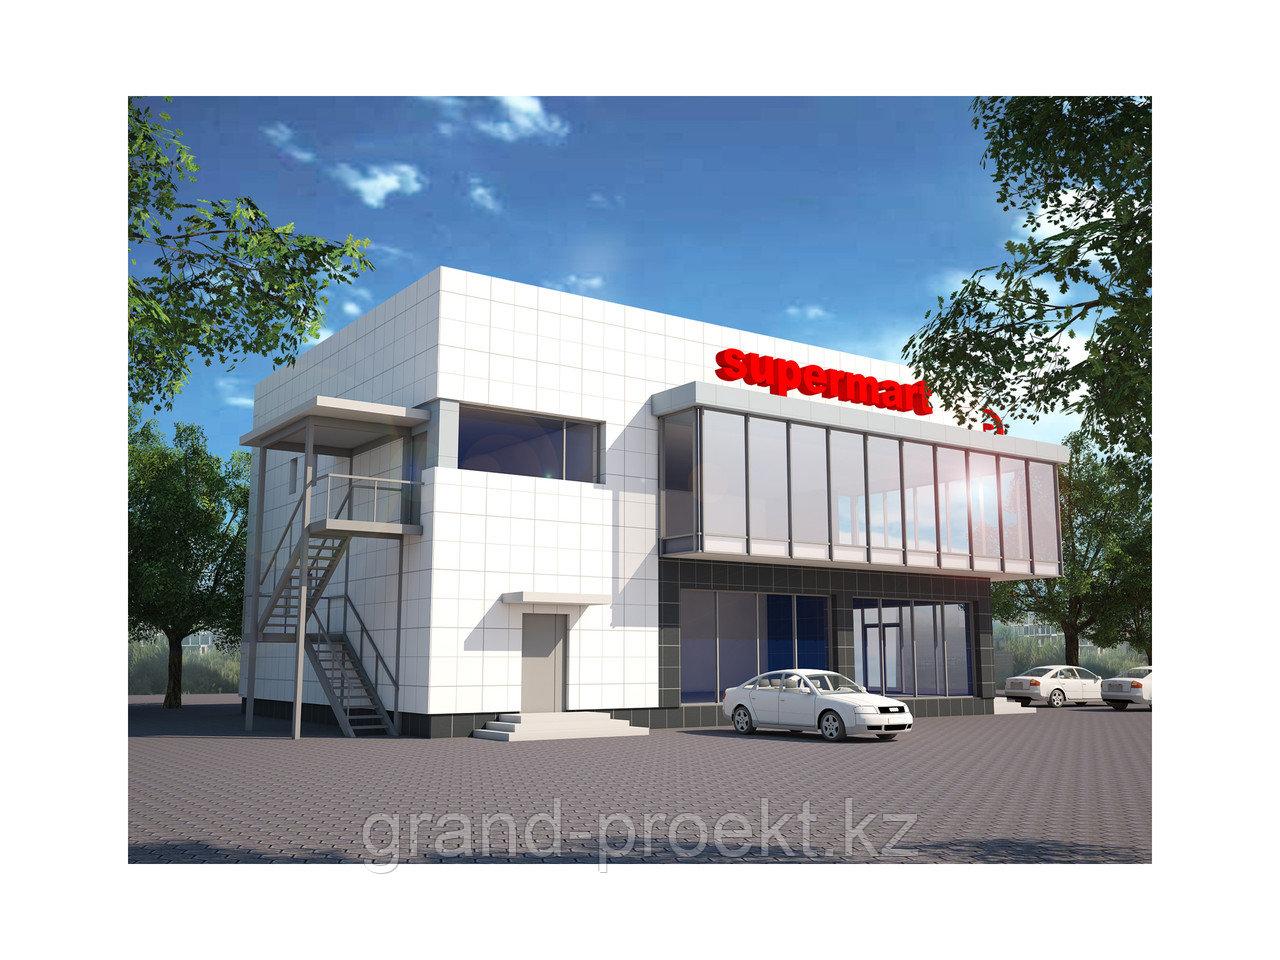 Проектирование жилых зданий и сооружений - фото 1